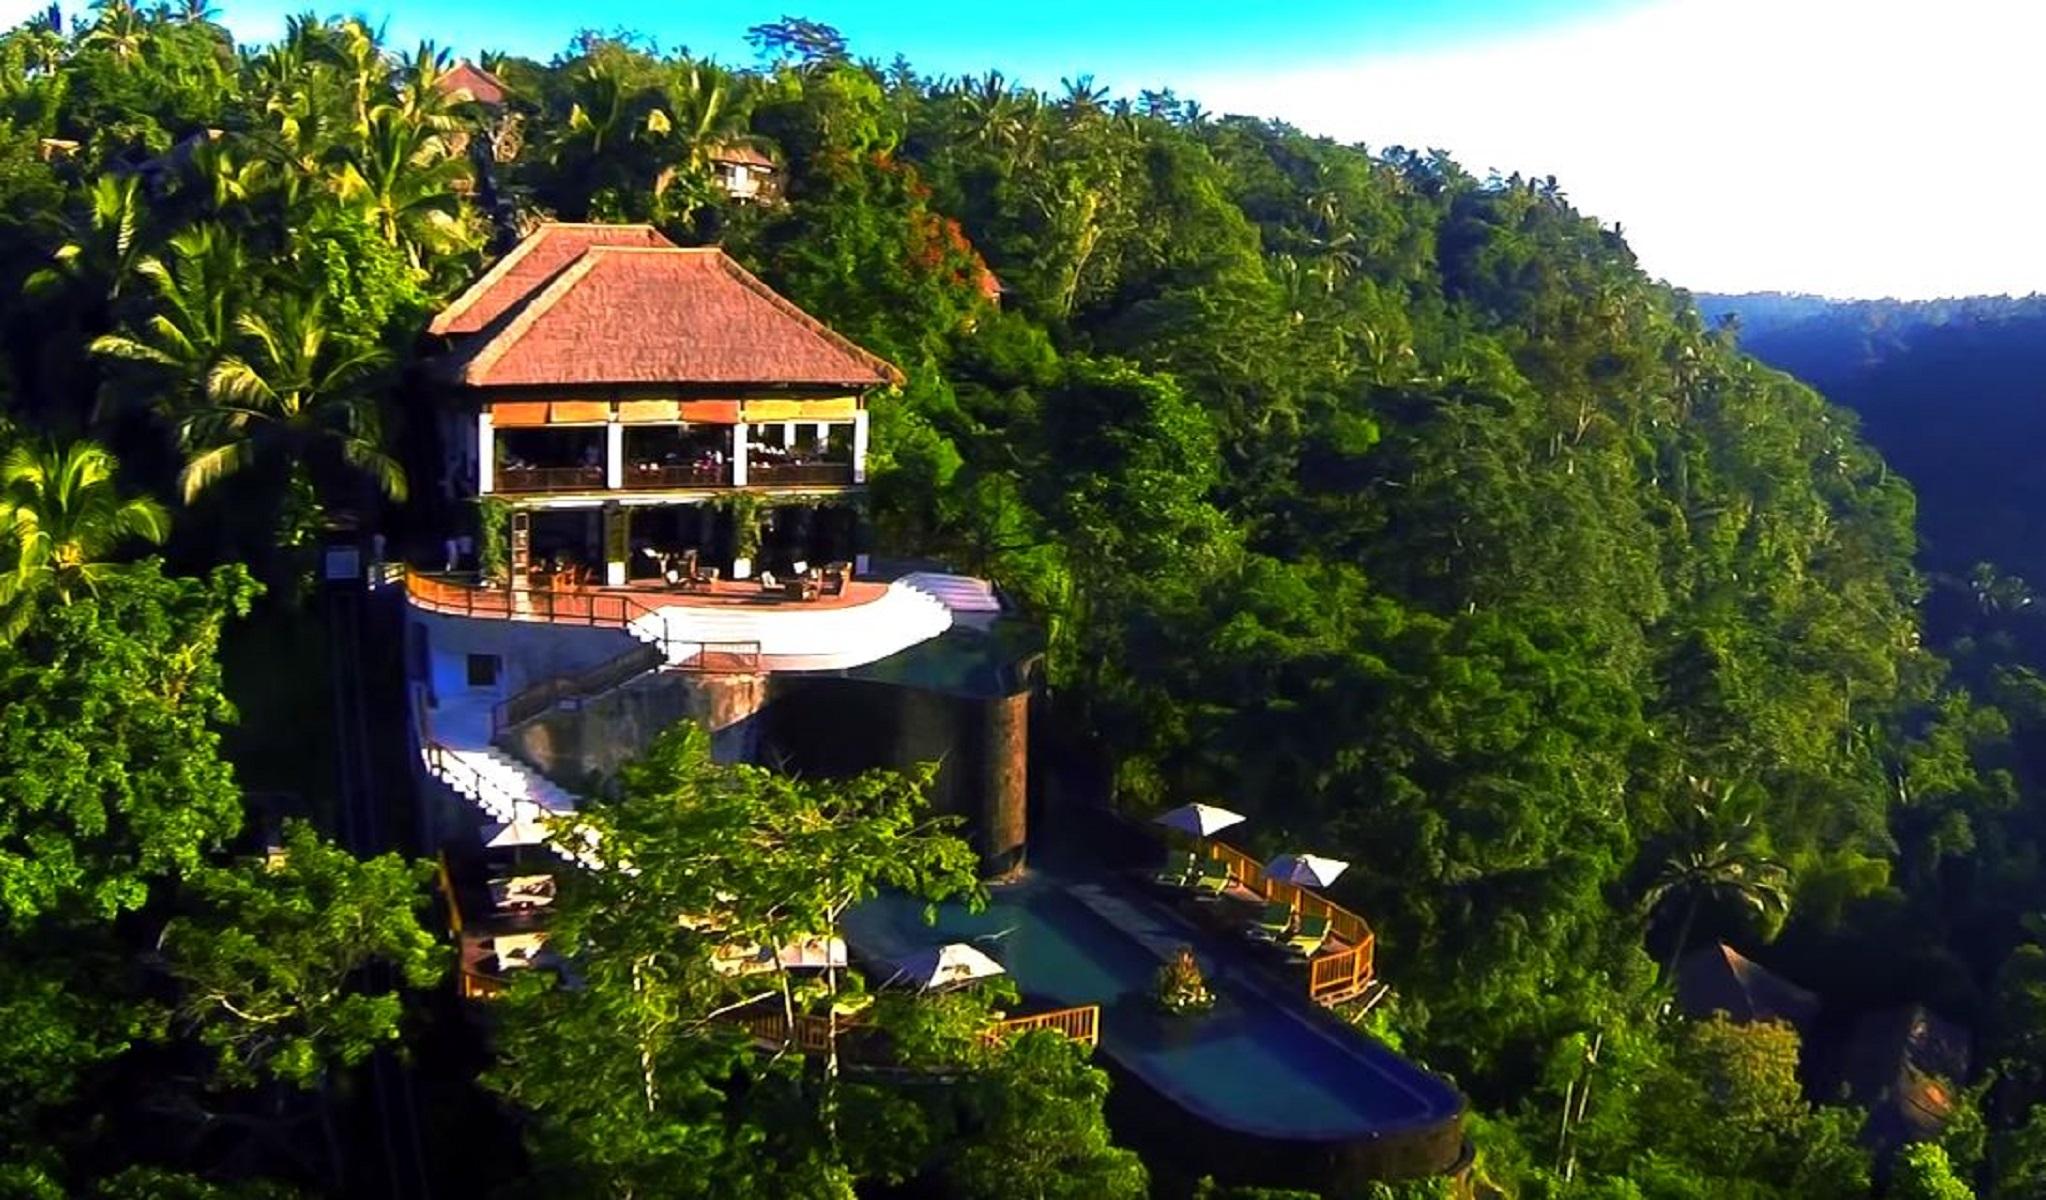 Hanging garden Bali, l'albergo con la miglior vista del mondo